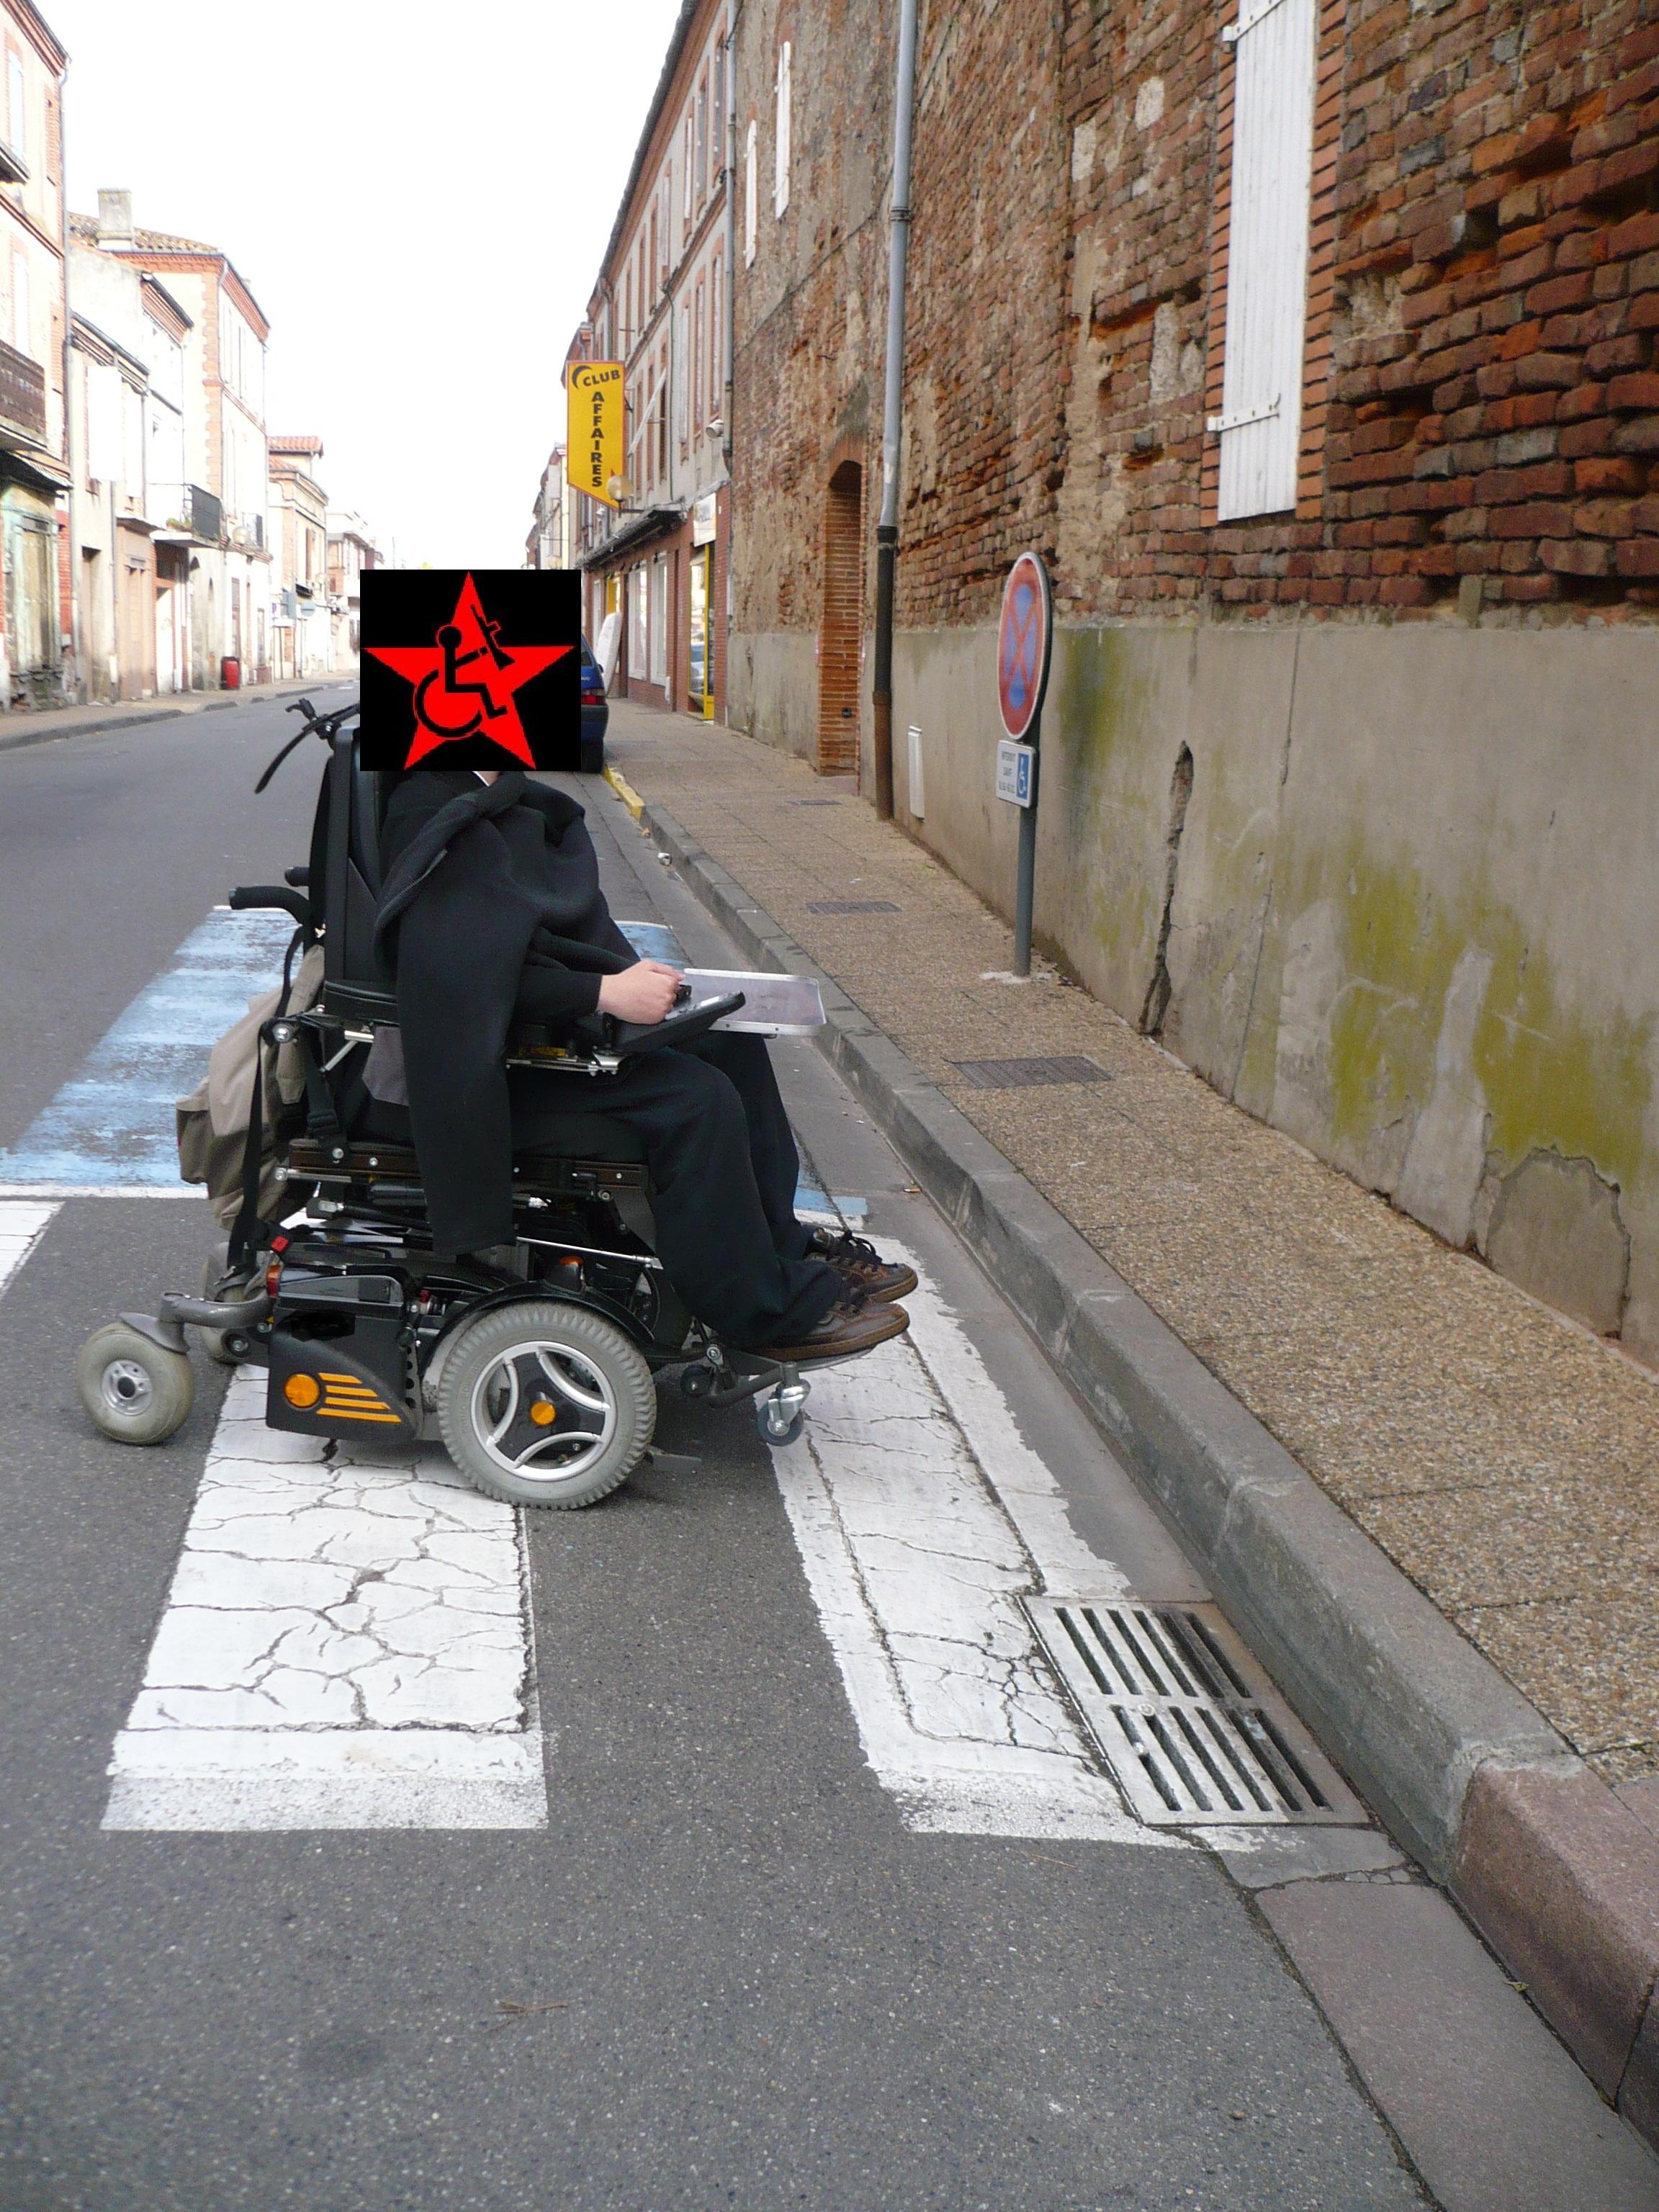 passage pietons absurde impraticable pour les handicapés